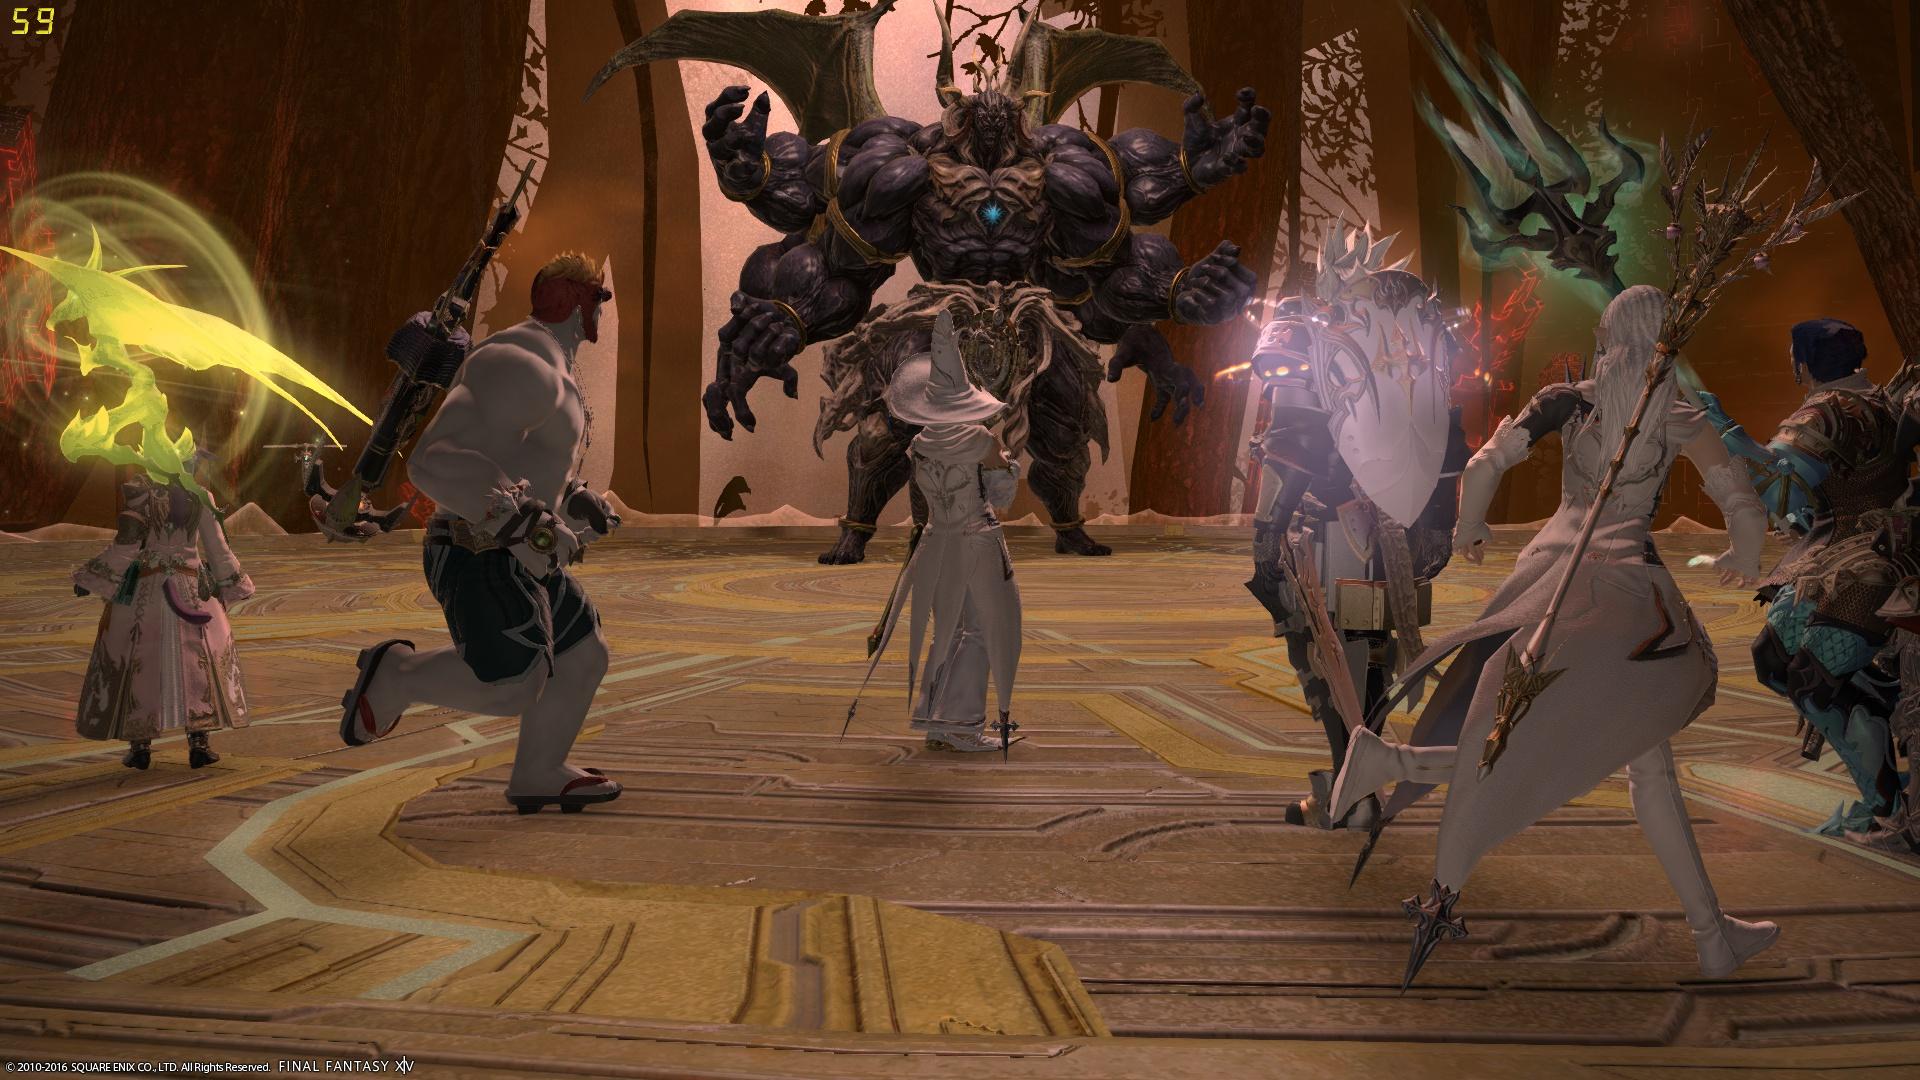 TLP-FFXIV – Final Fantasy XIV